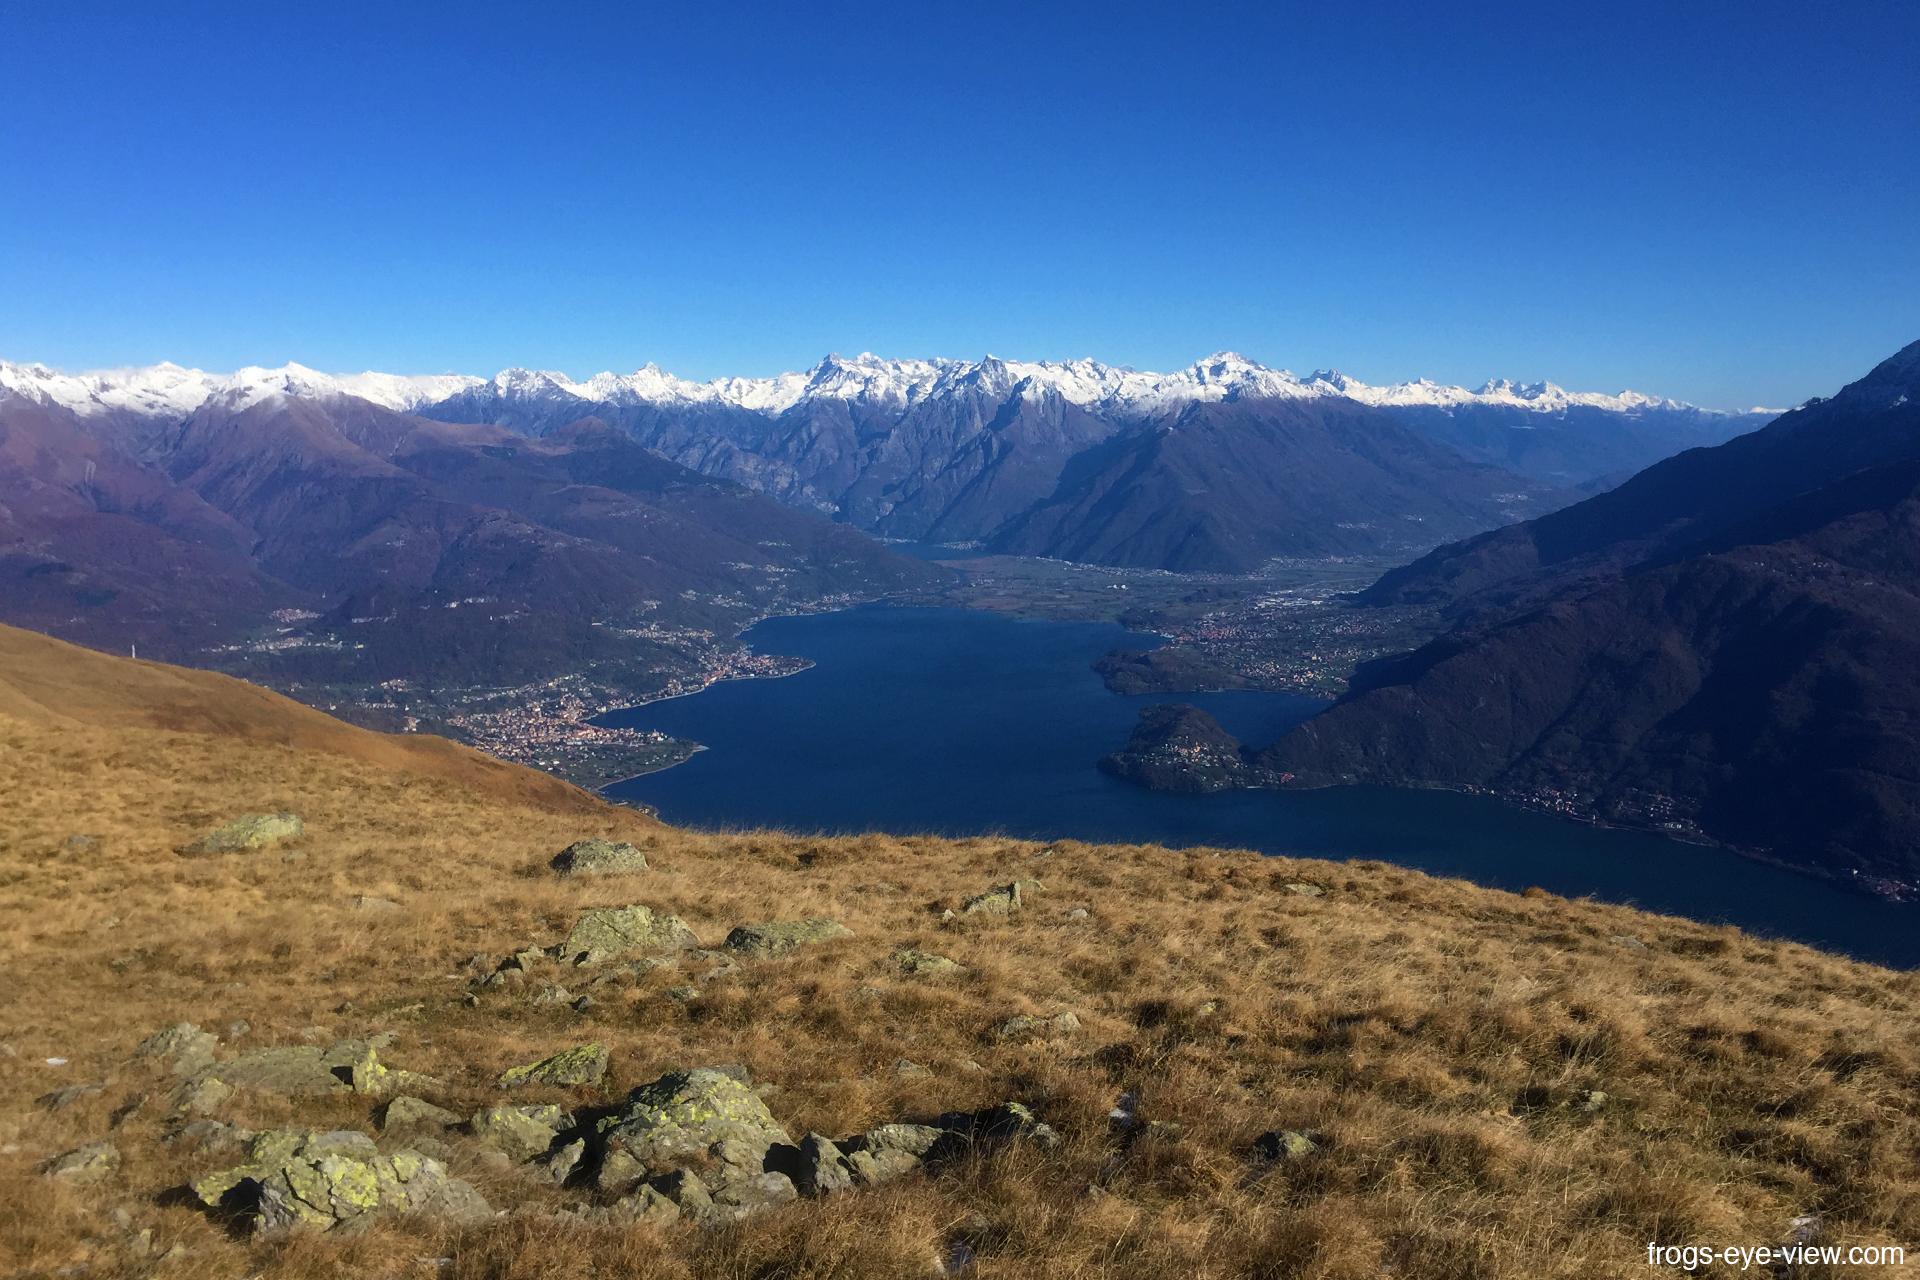 20161112_MonteBregagno_Wanderung_2016-11-12 12.12.03 Kopie